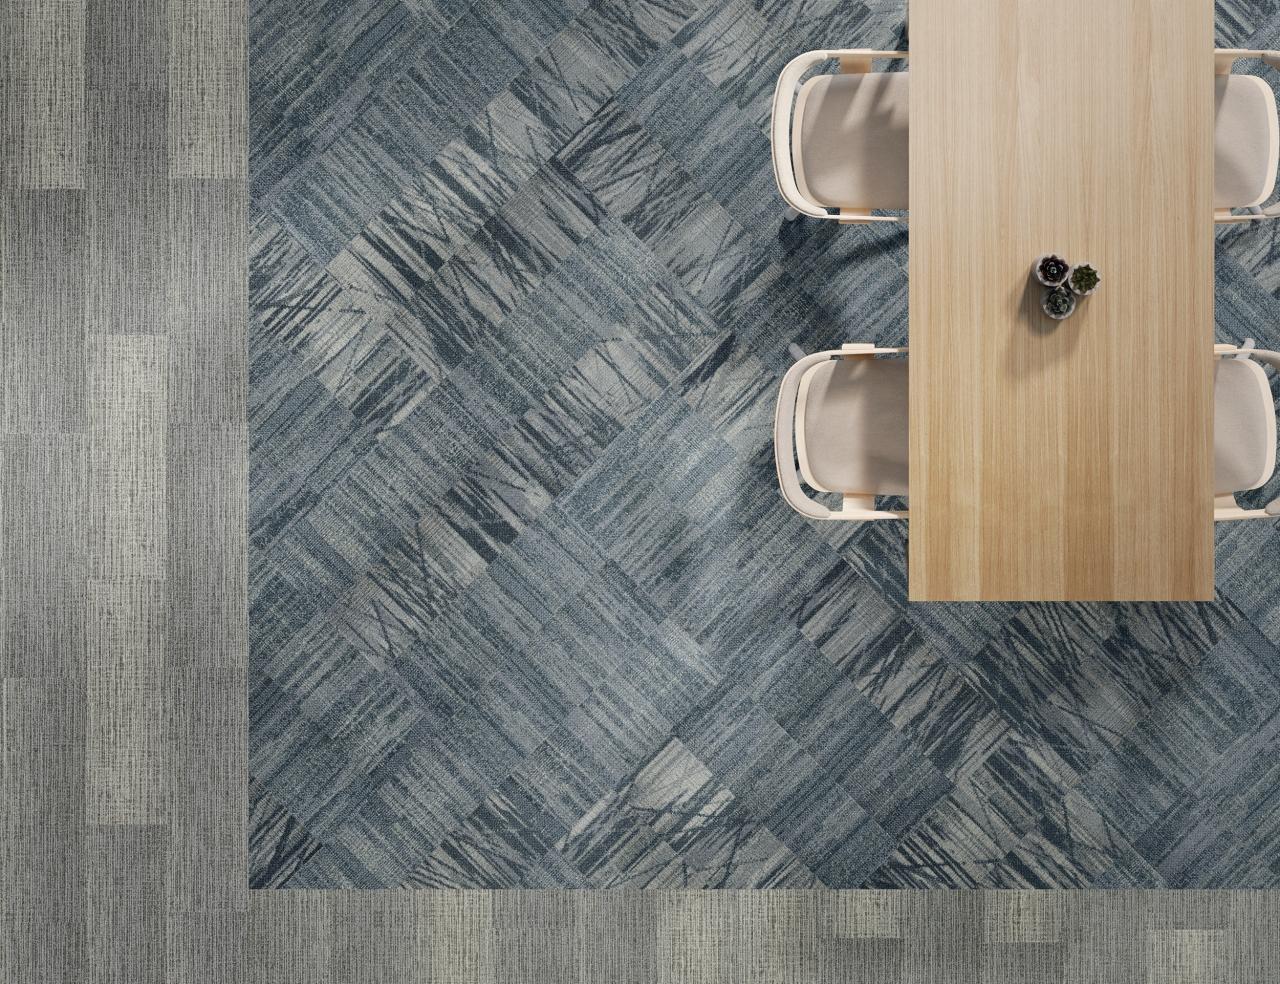 birds eye view of Data Tide tiles as carpet